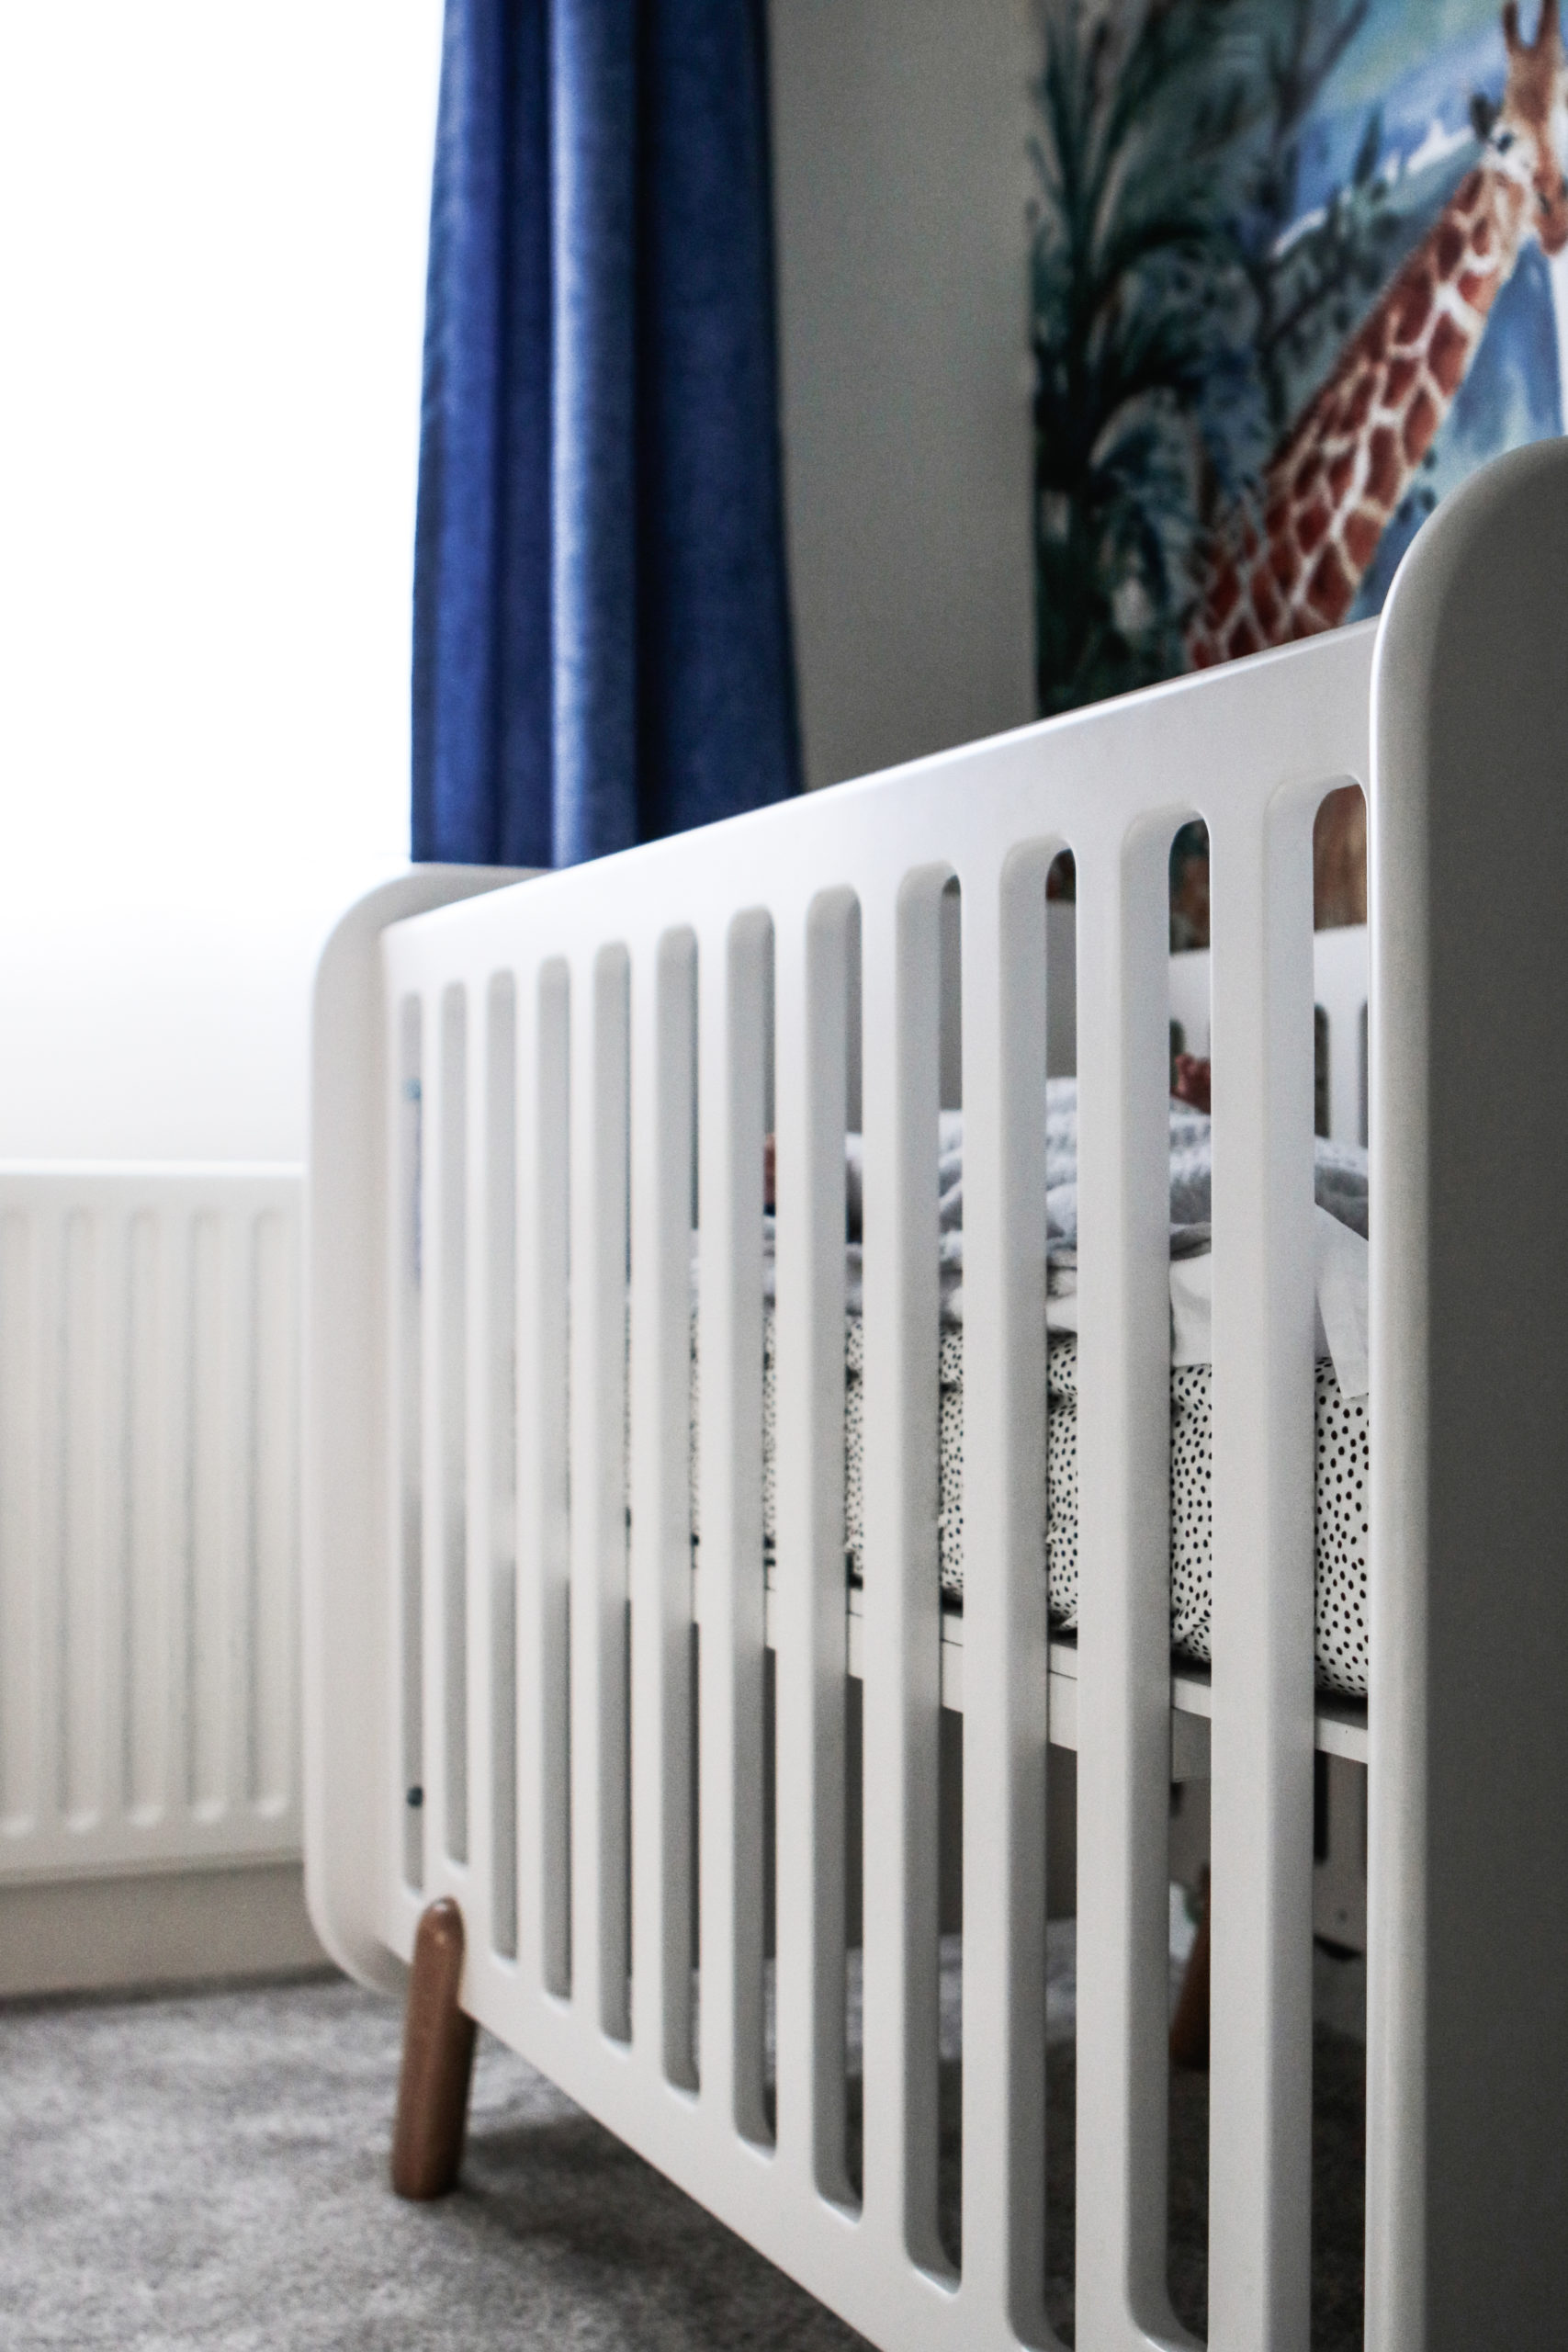 UKKEPUK MEUBELS zijn sterk, duurzaam en handgemaakt. Deze kindermeubels zijn een eye-catcher voor de baby- en kinderkamer. Dit is ledikant Vrolijk.